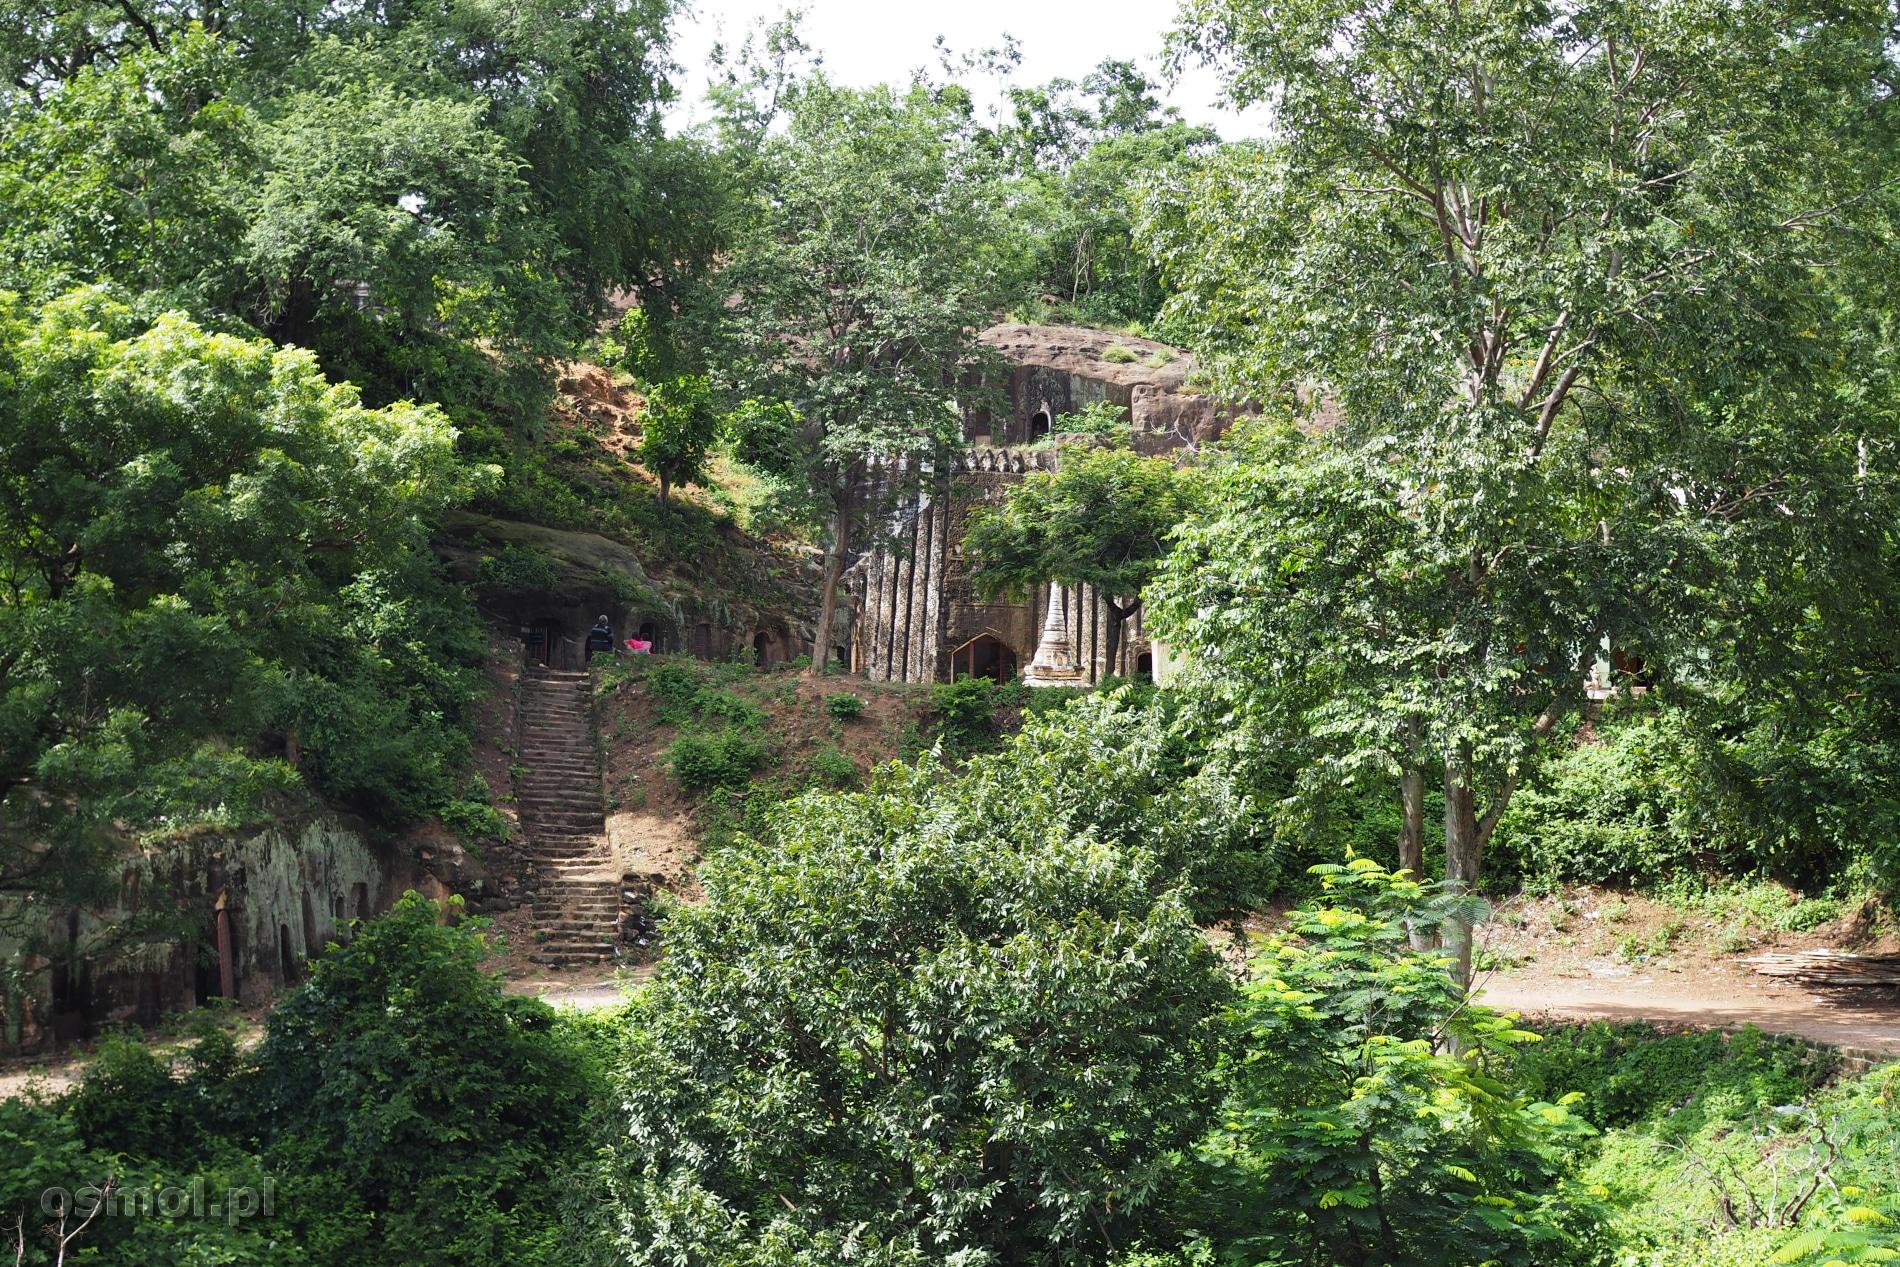 Z daleka prawie nie widać, że pomiędzy drzewami skryte są prawdziwe skarby. Wejścia do jaskiń i grot, do miejsc, gdzie sklepienia skrywają freski i stare rzeźby